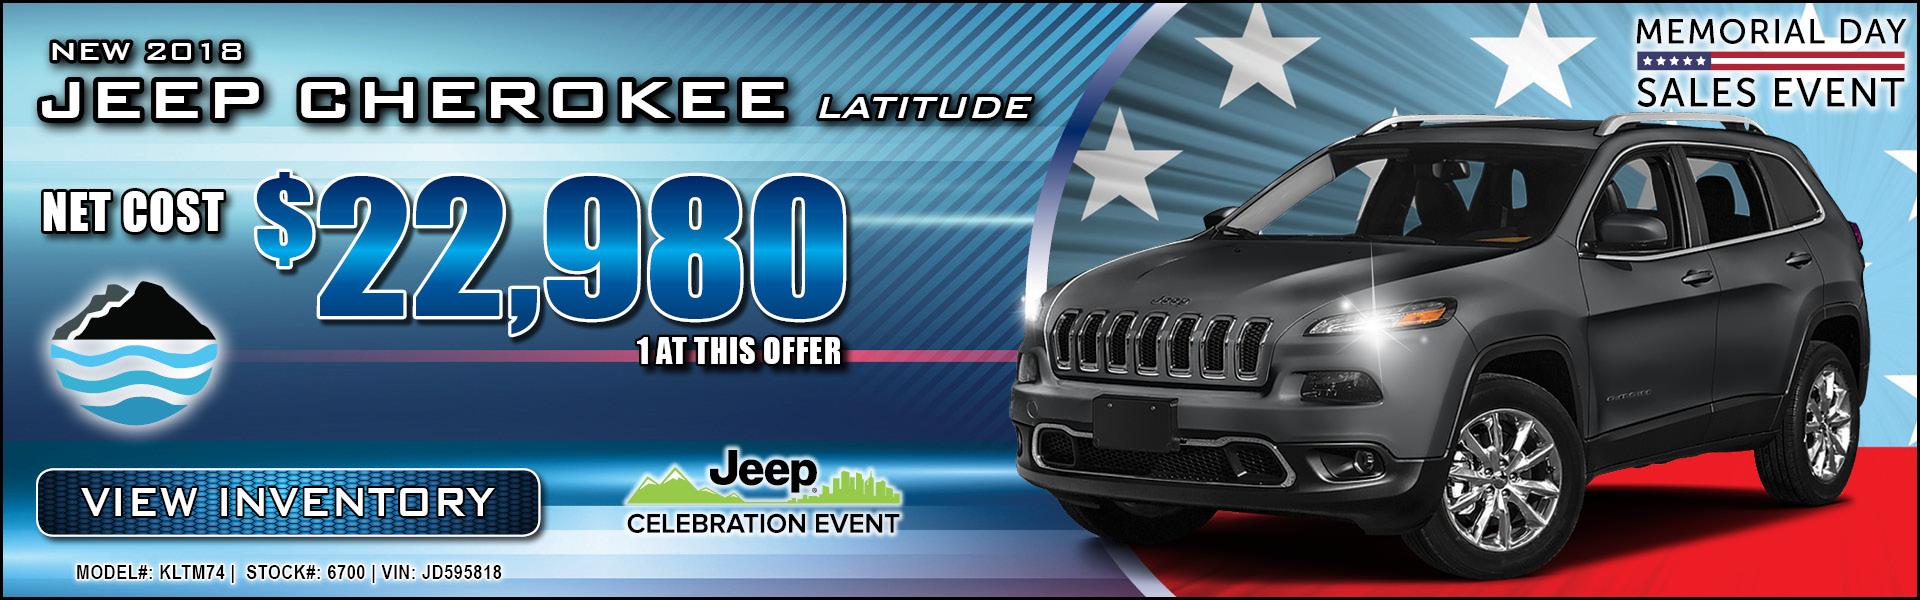 Jeep Cherokee $22,980